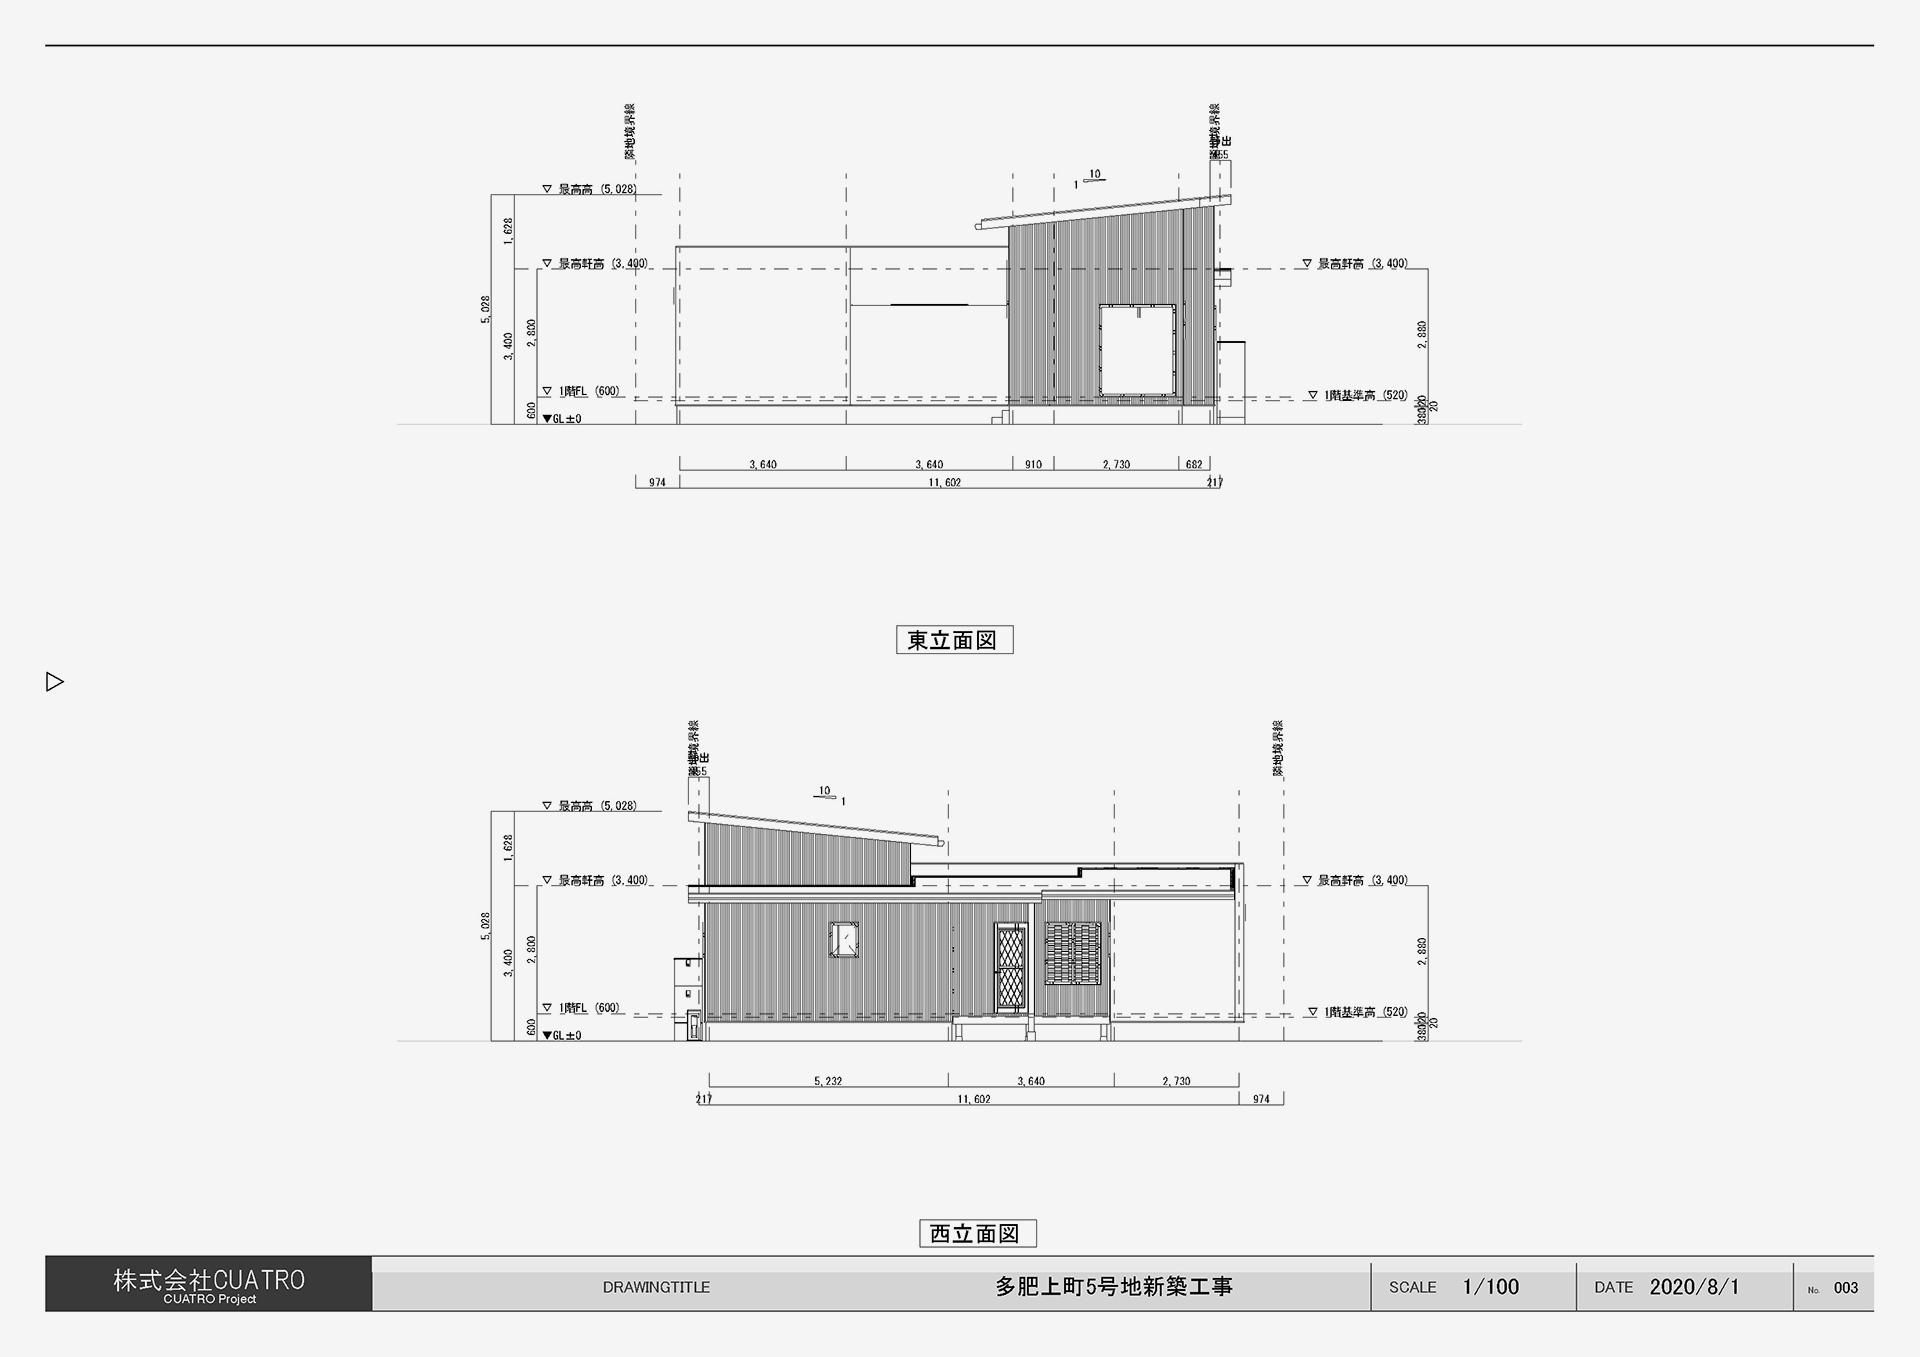 図面データ_ページ_3